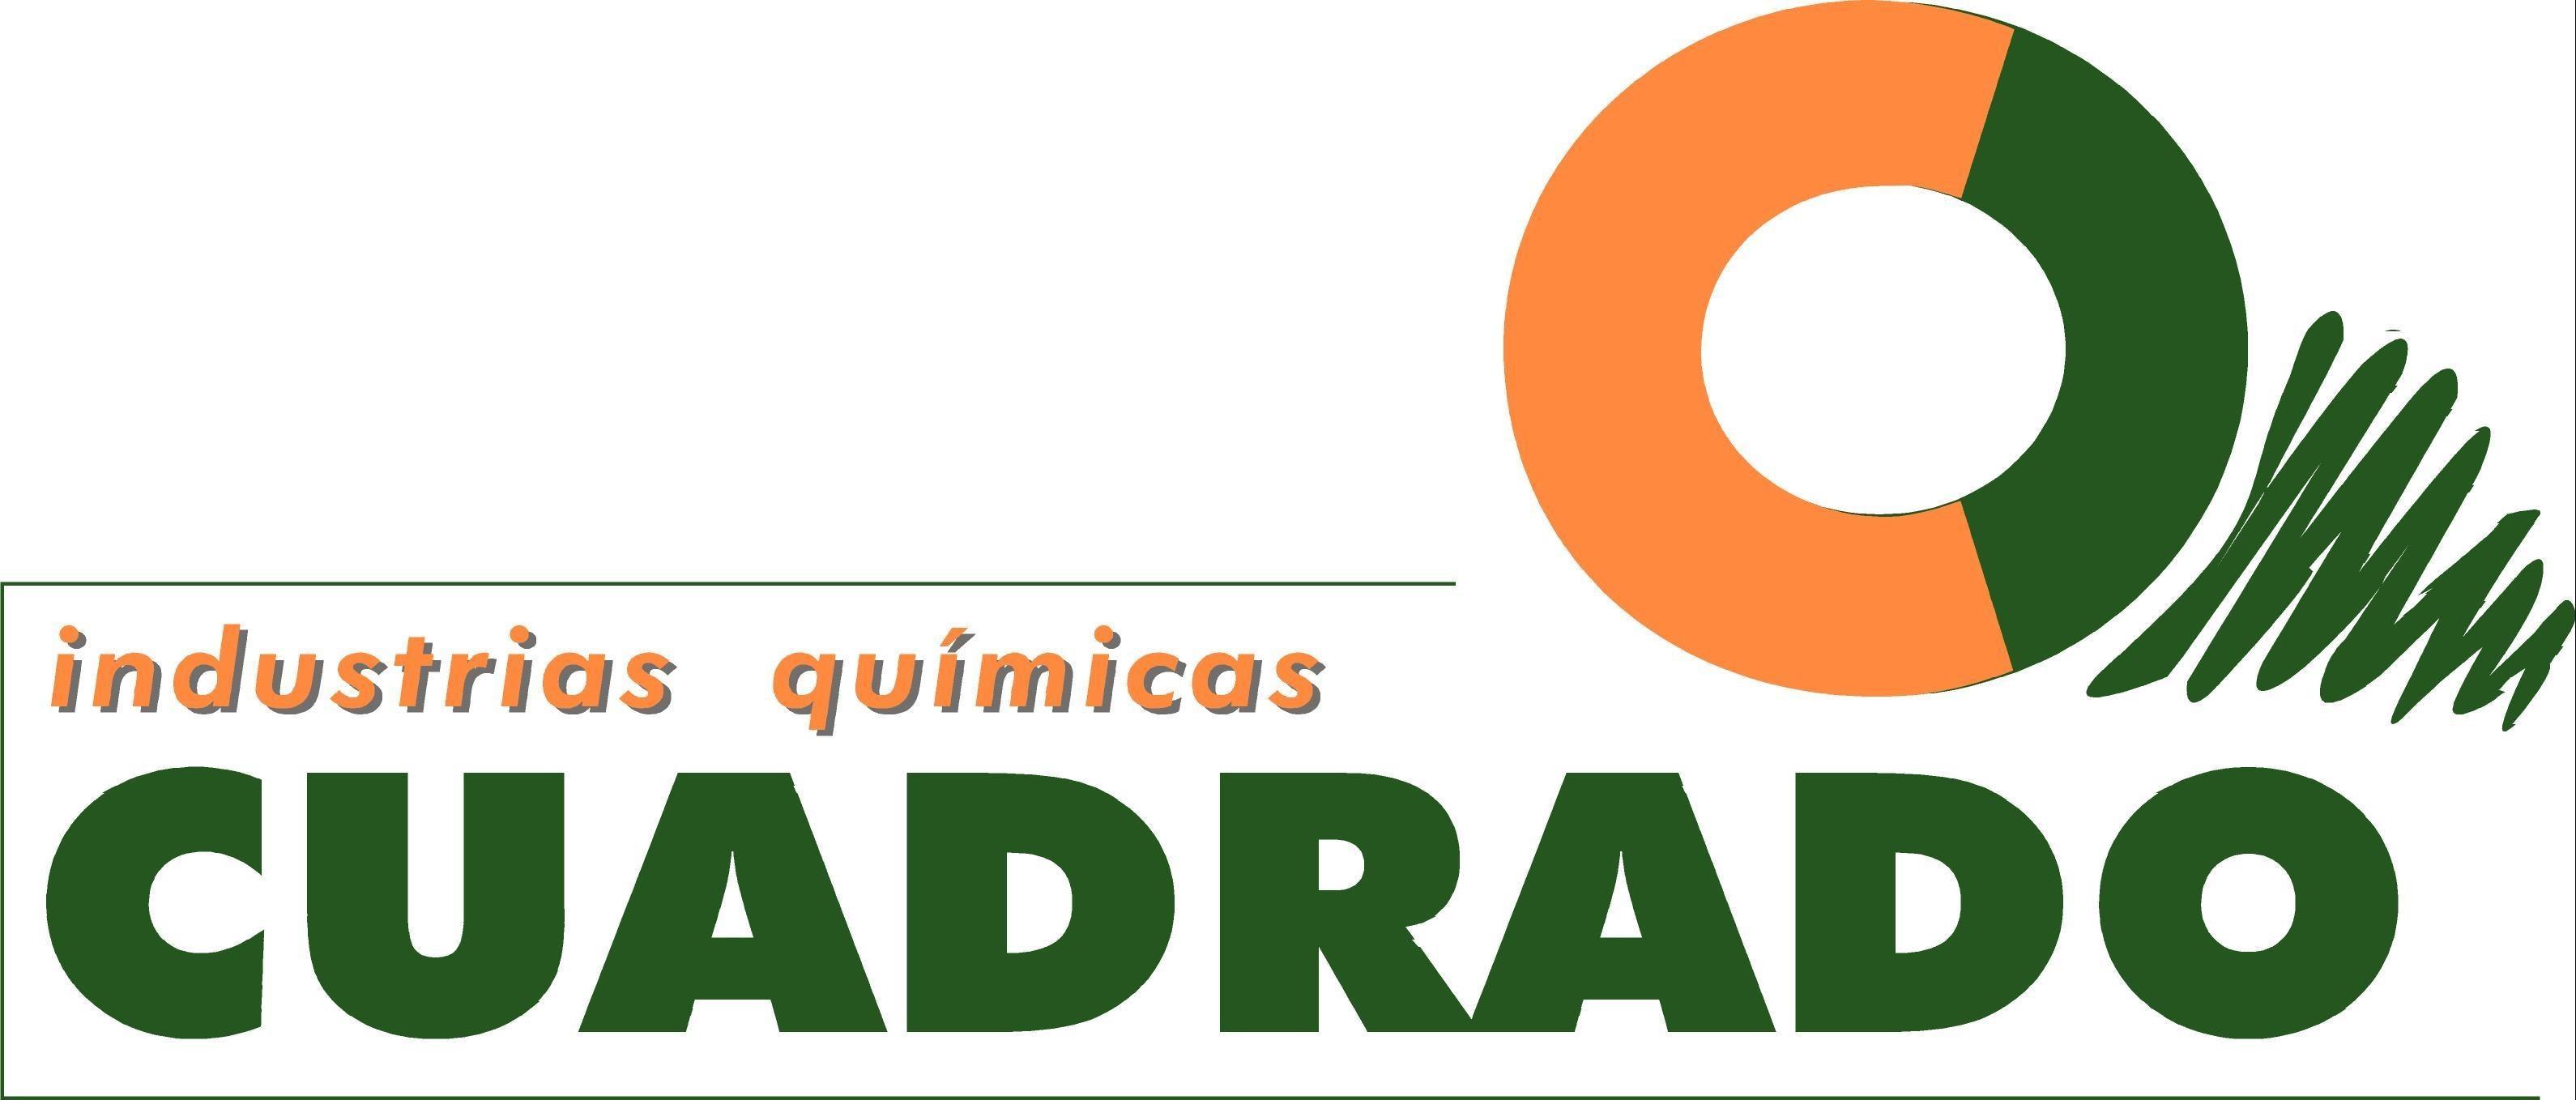 I.Q. CUADRADO